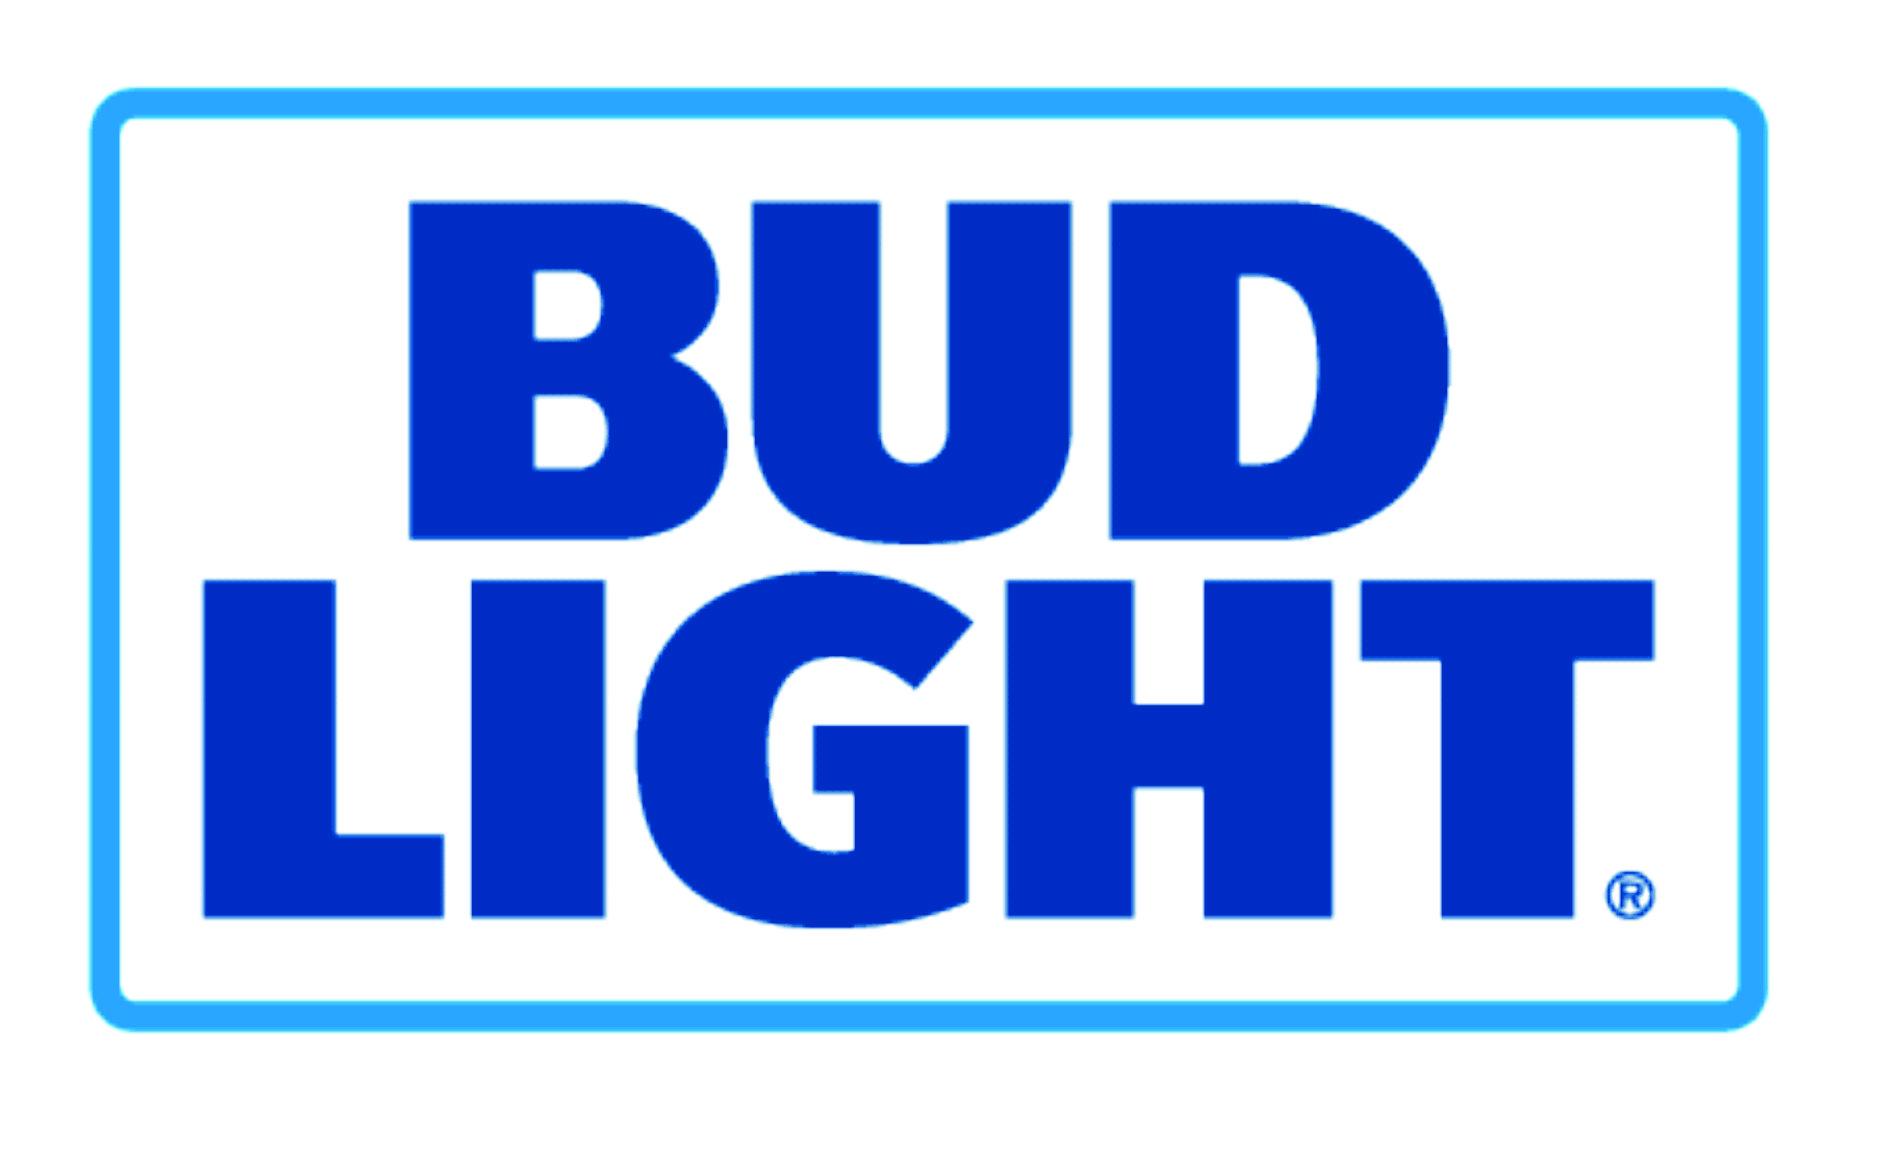 bud-light-kimball-logo